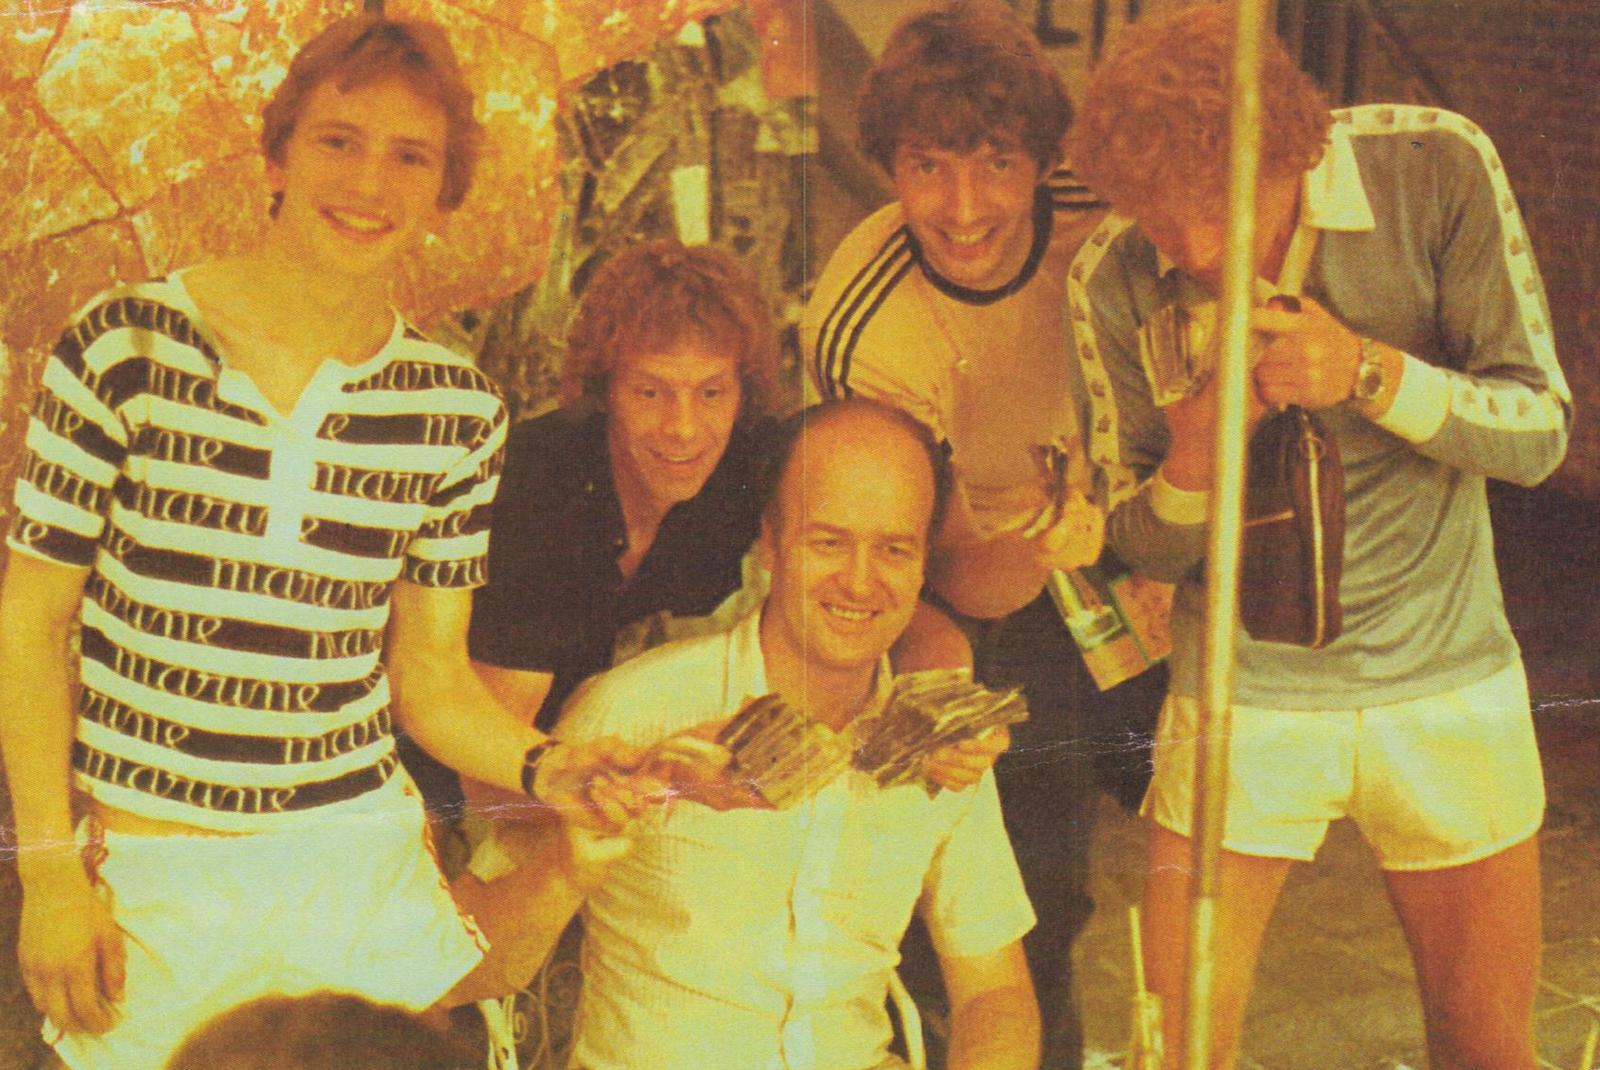 1979 Indónesíu ferð2